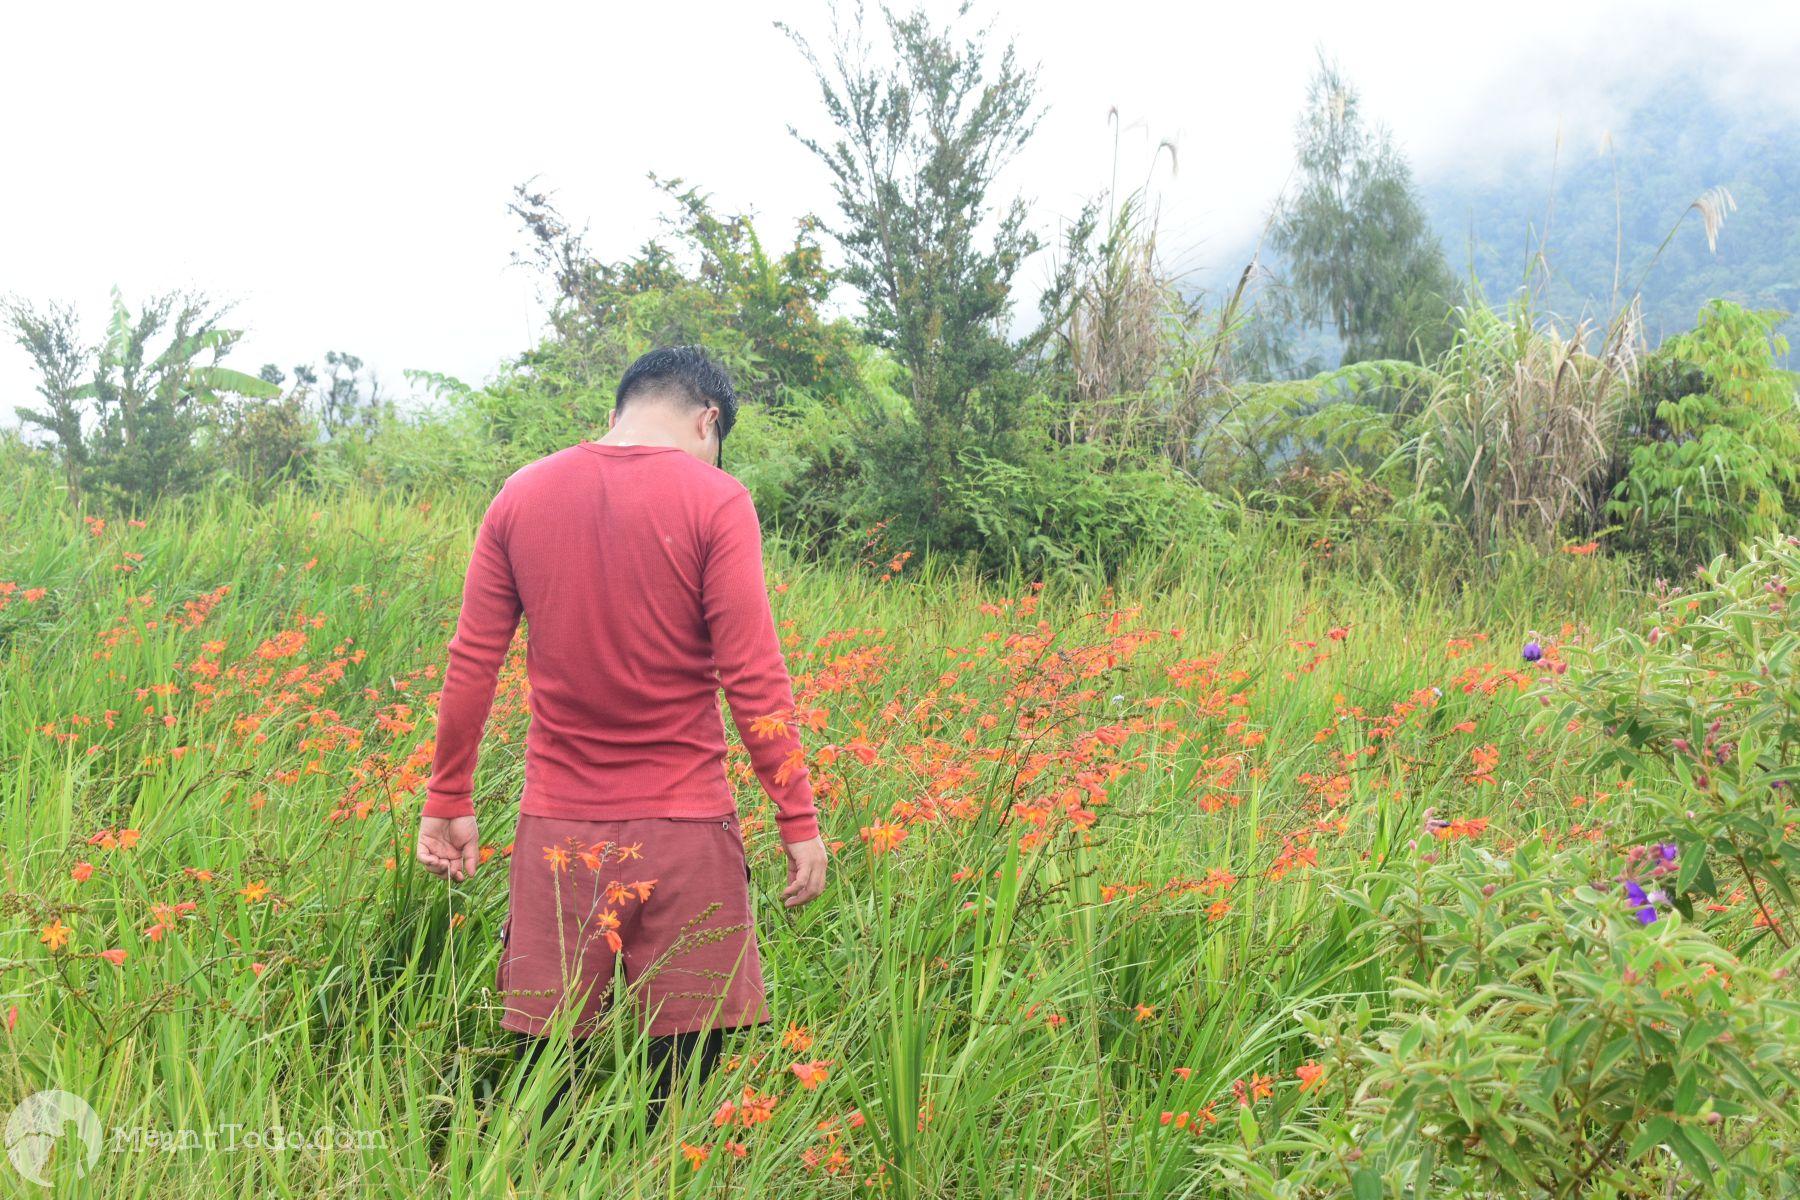 The trail of Sicao Falls, Tamayong, Calinan, Davao City